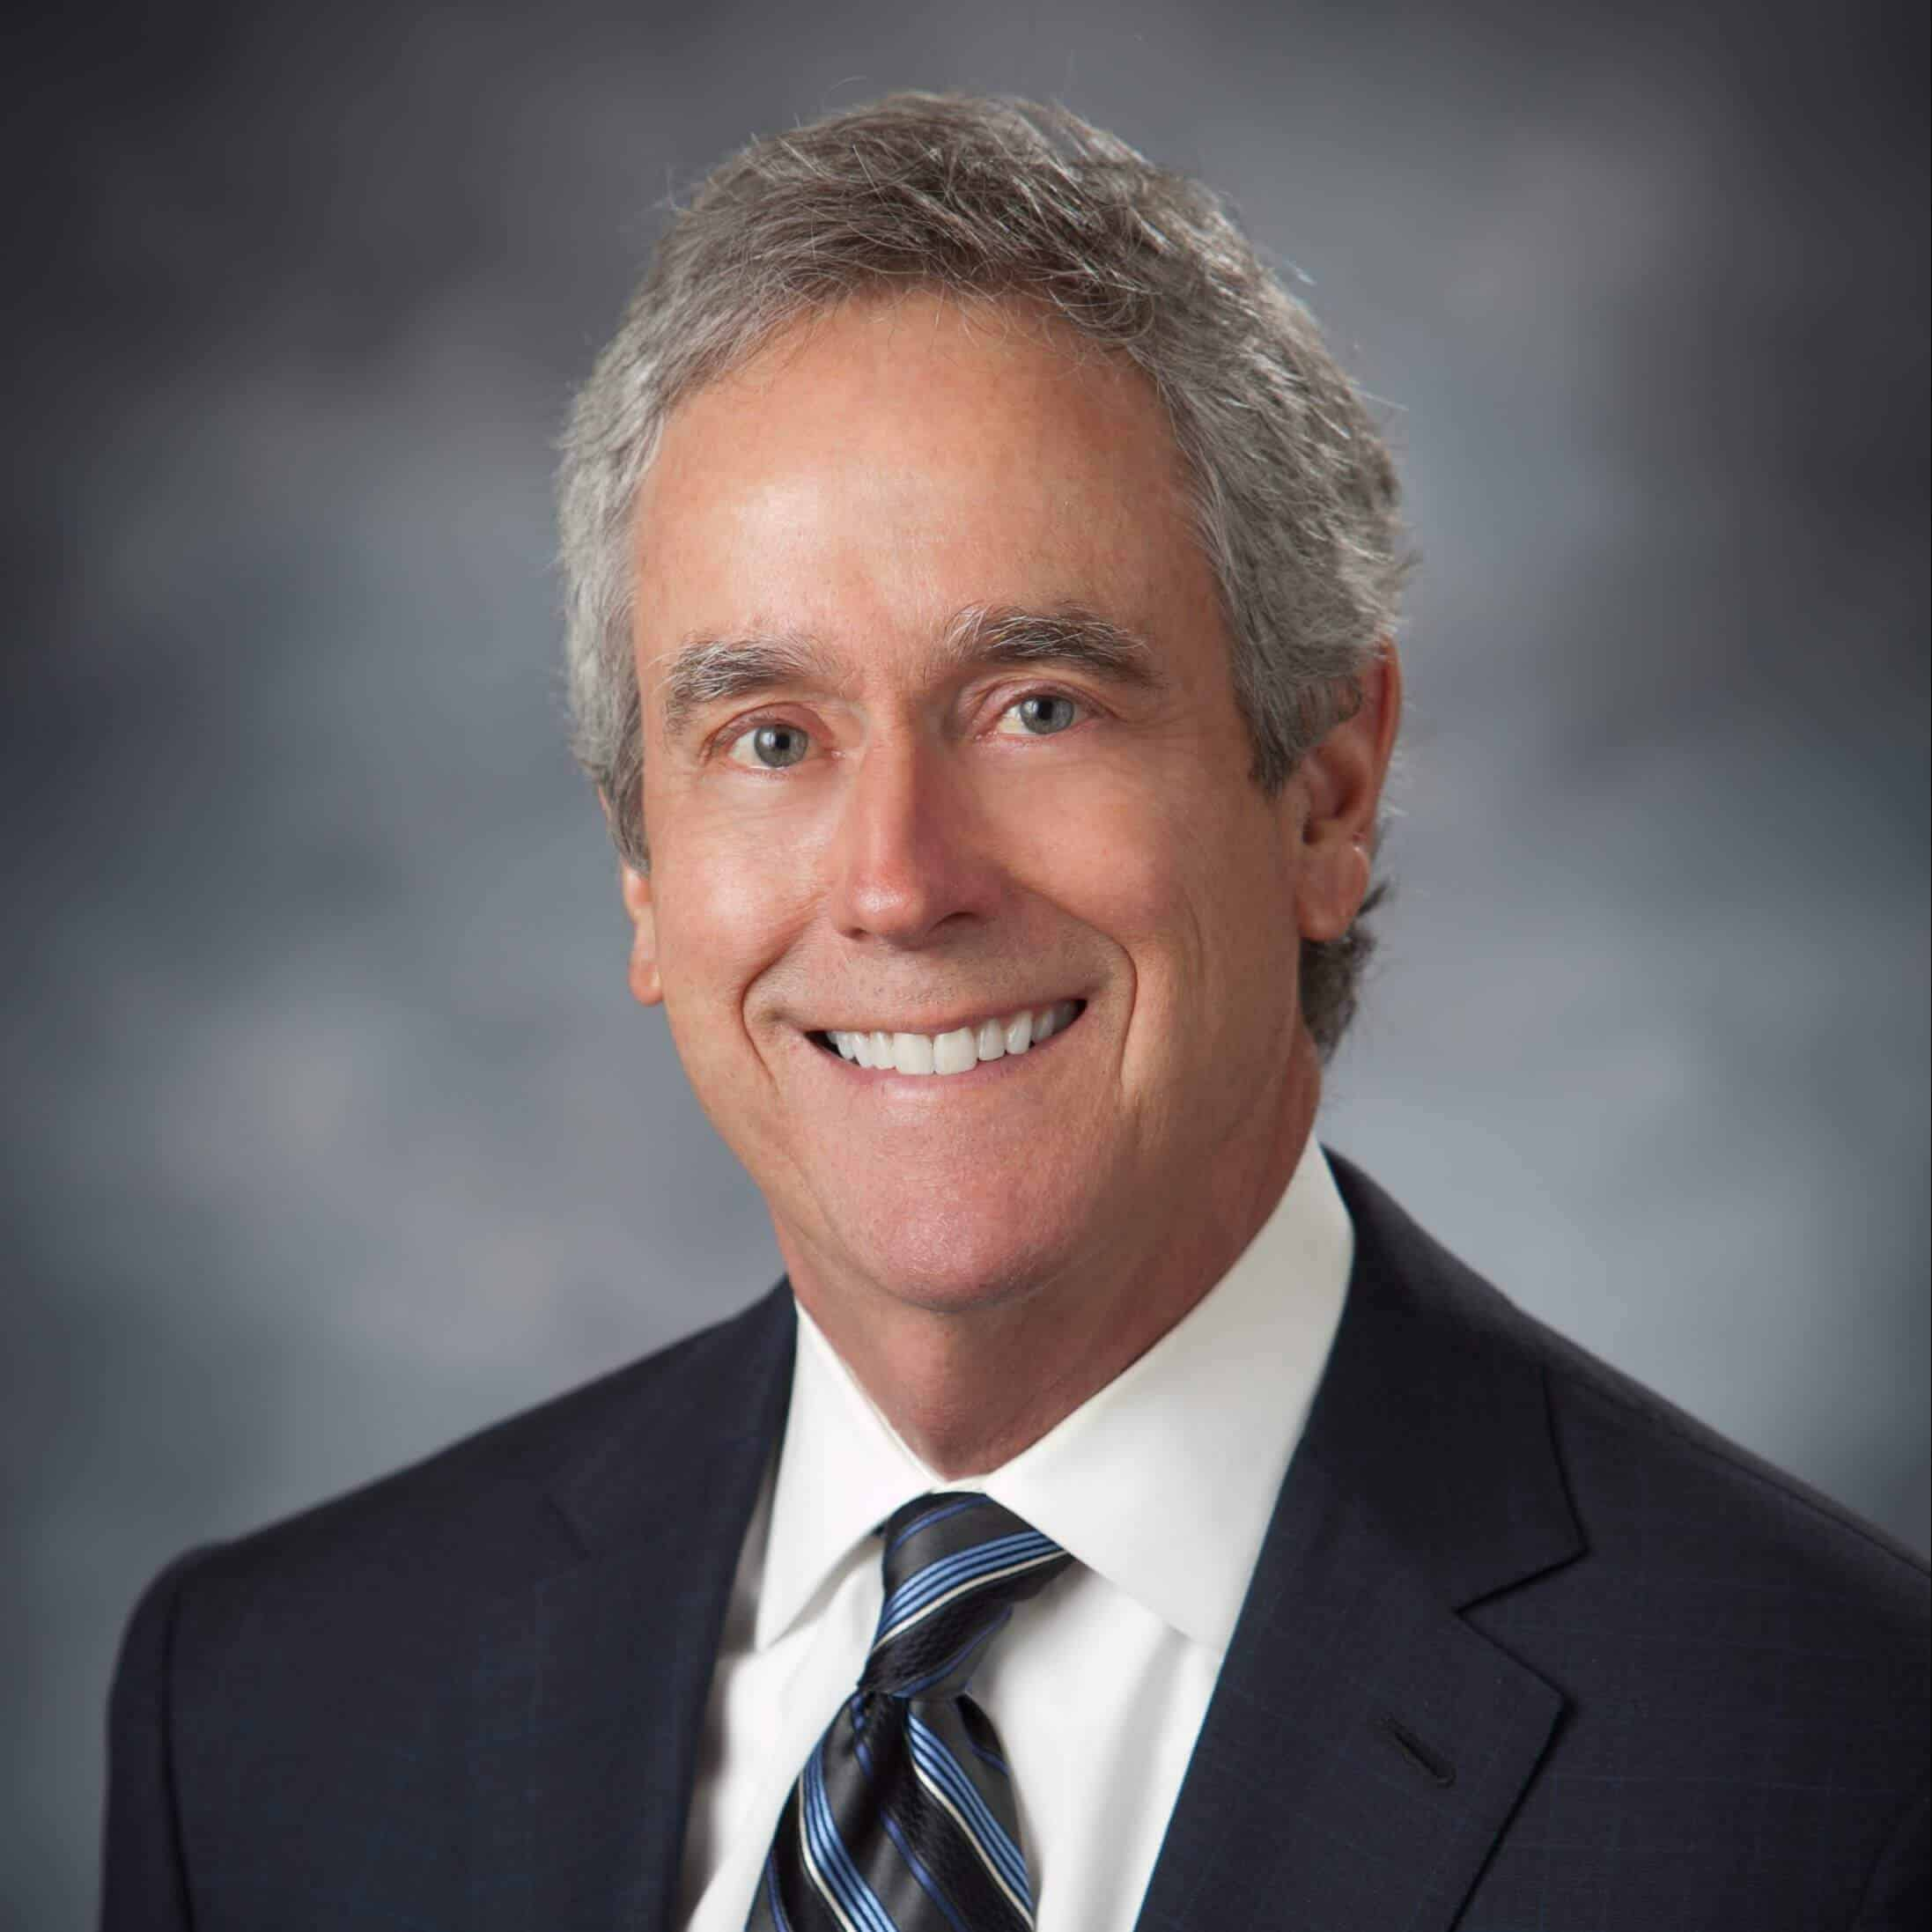 Dennis L. Hansch